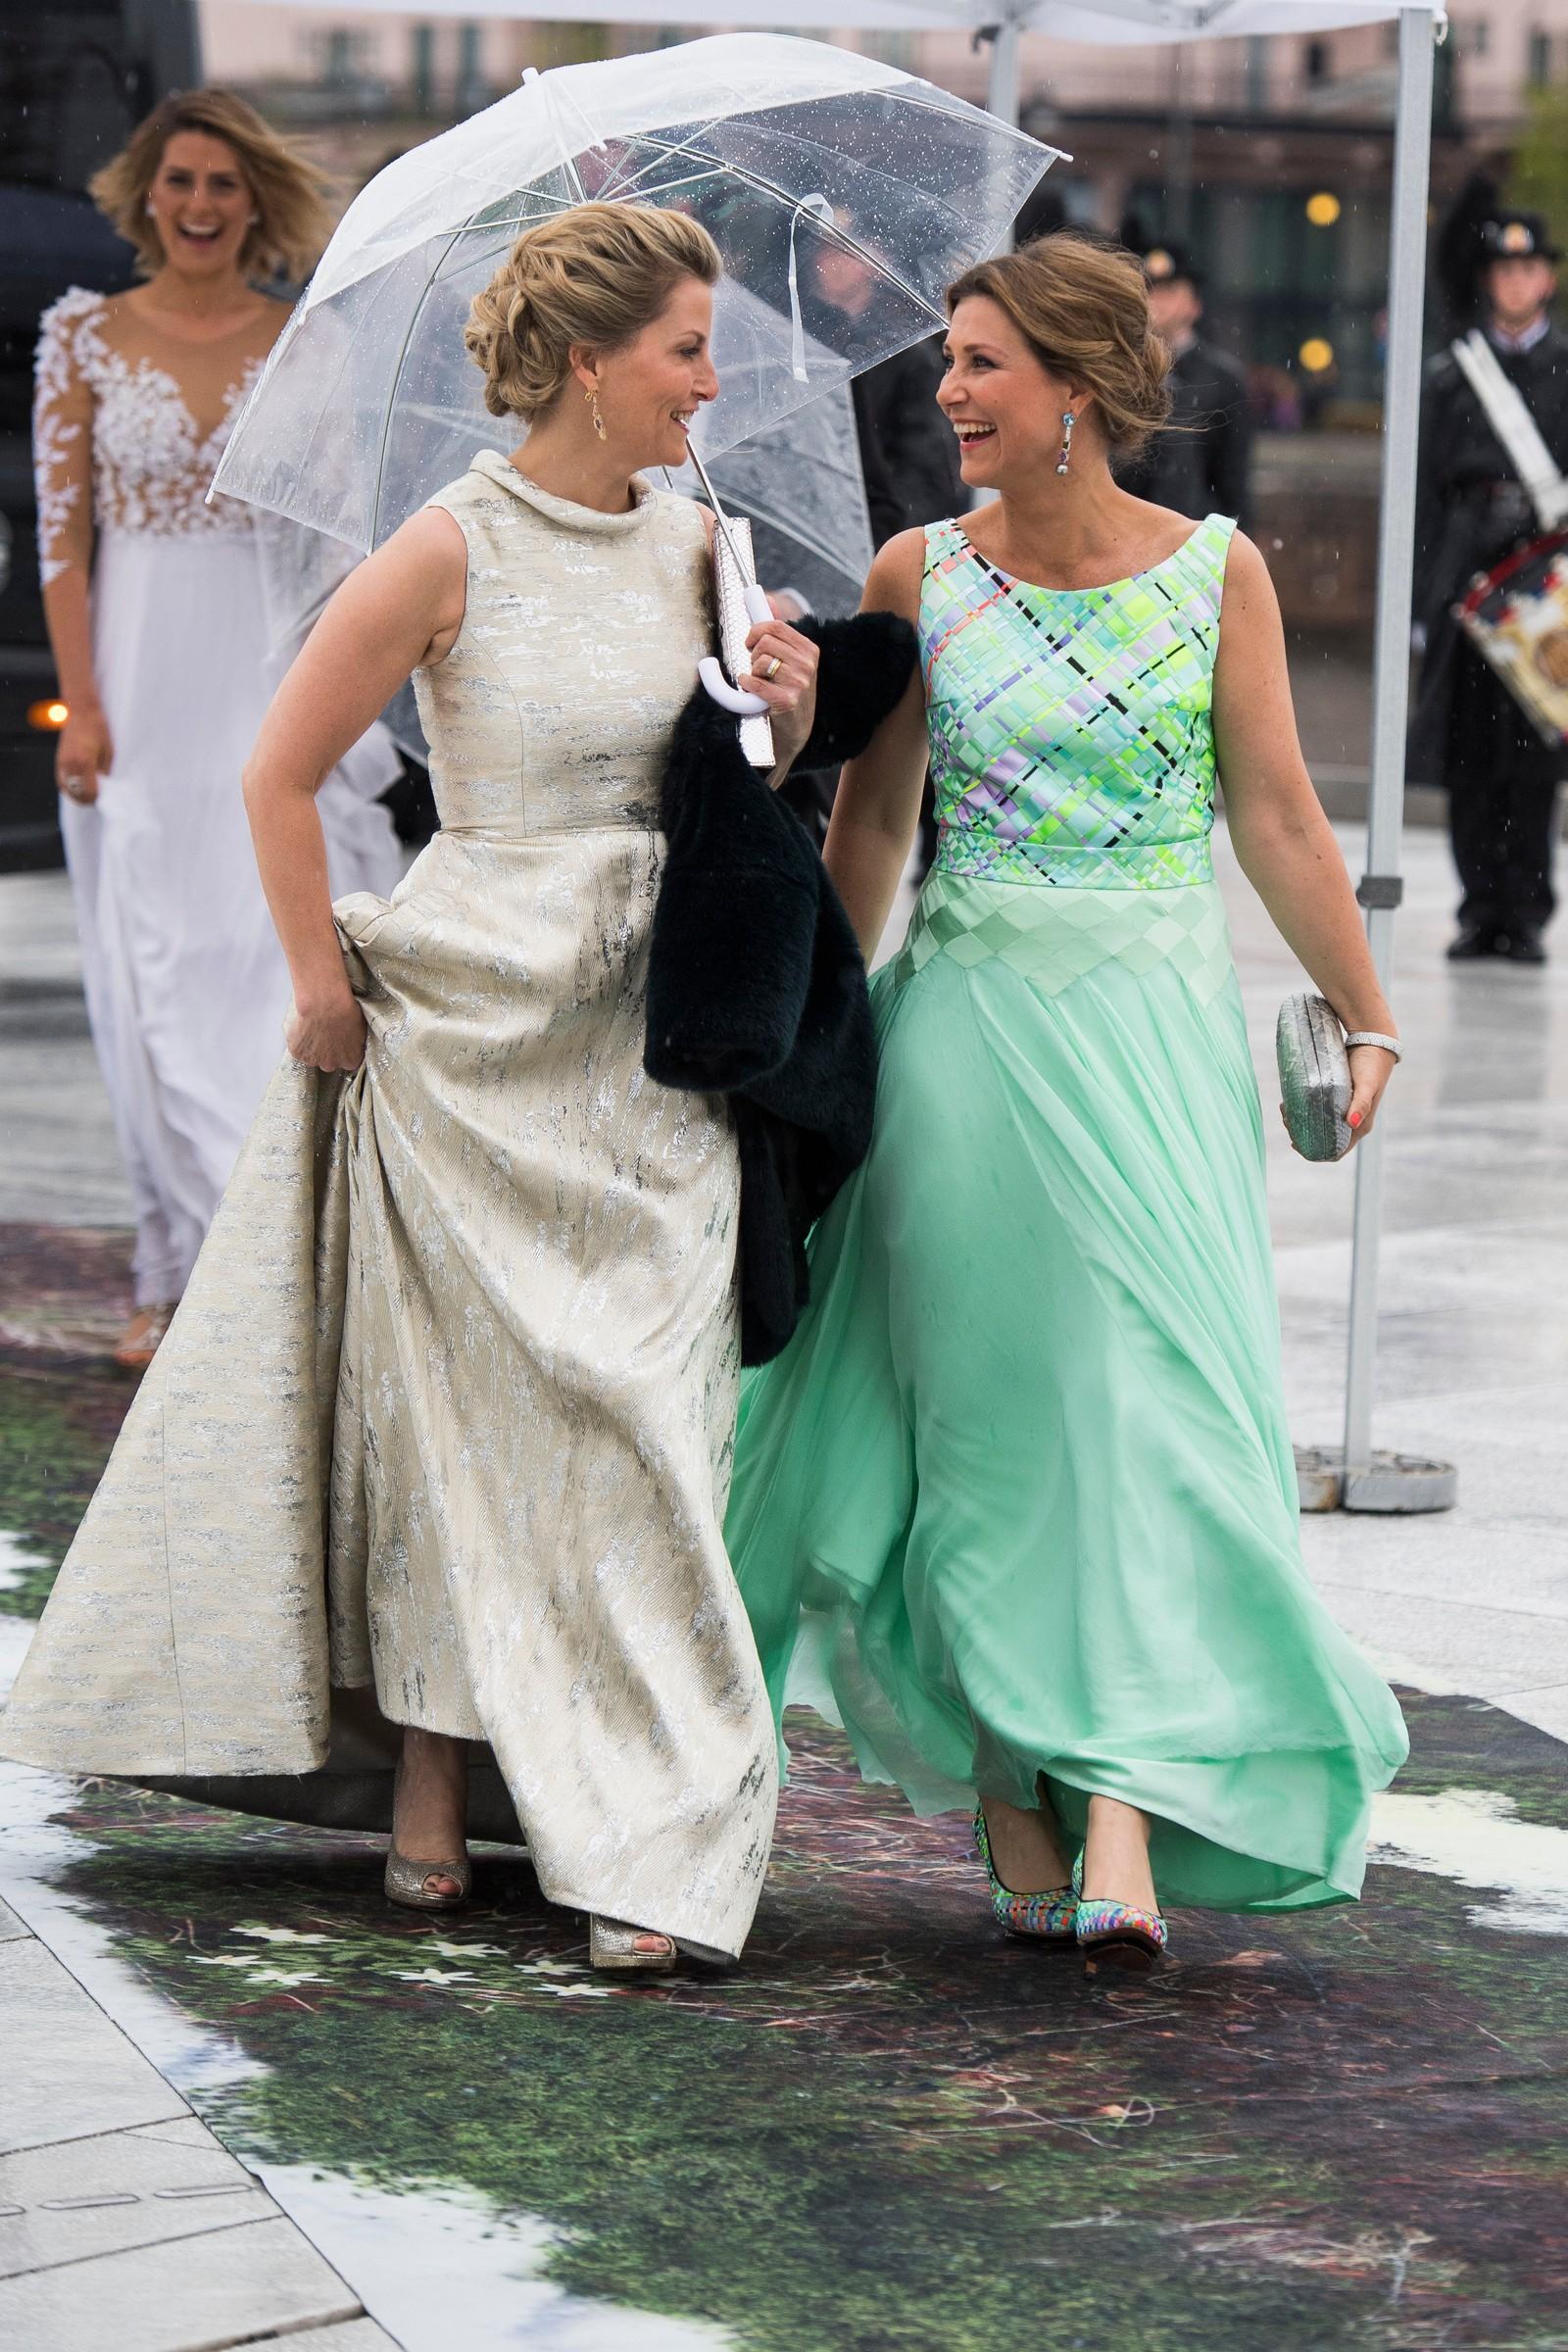 Sophie, grevinnen av Wessex og prinsesse Märtha Louise ankommer festmiddagen i Operaen i anledning kongeparets 80-årsfeiring.